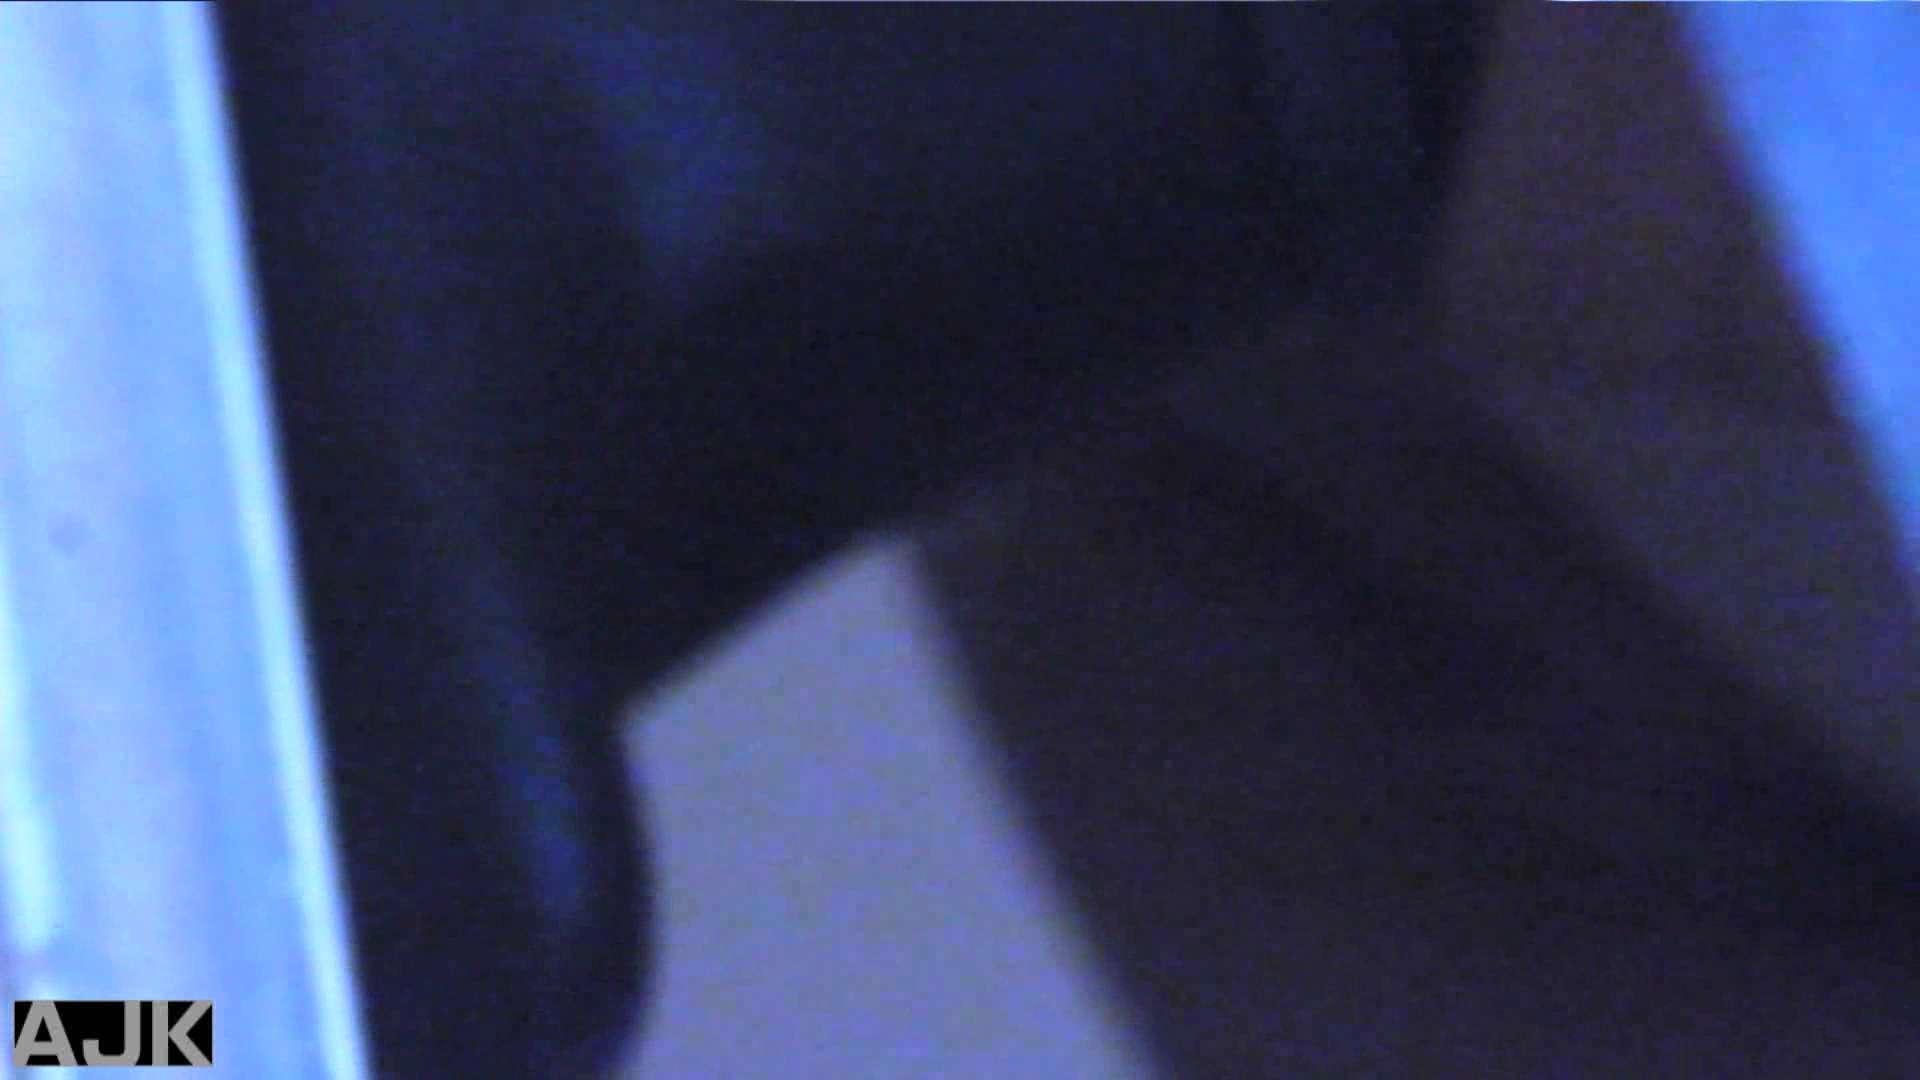 神降臨!史上最強の潜入かわや! vol.07 潜入 ワレメ無修正動画無料 83PIX 62